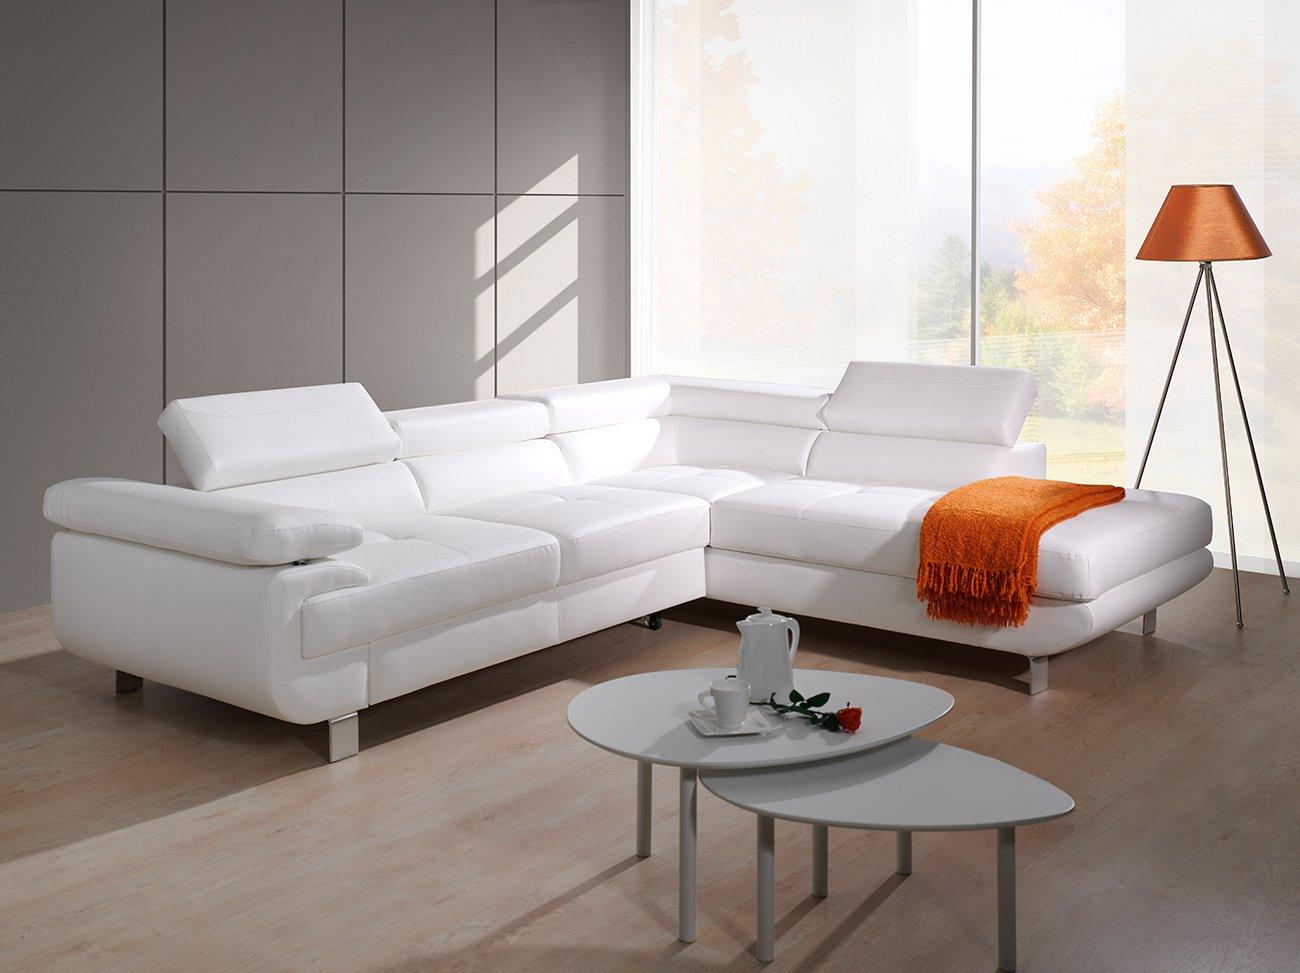 Schlafcouch mit bettkasten weiß  LUCCIA Weiß Schlafsofa, Schlafcouch, kunstleder, Couch ...